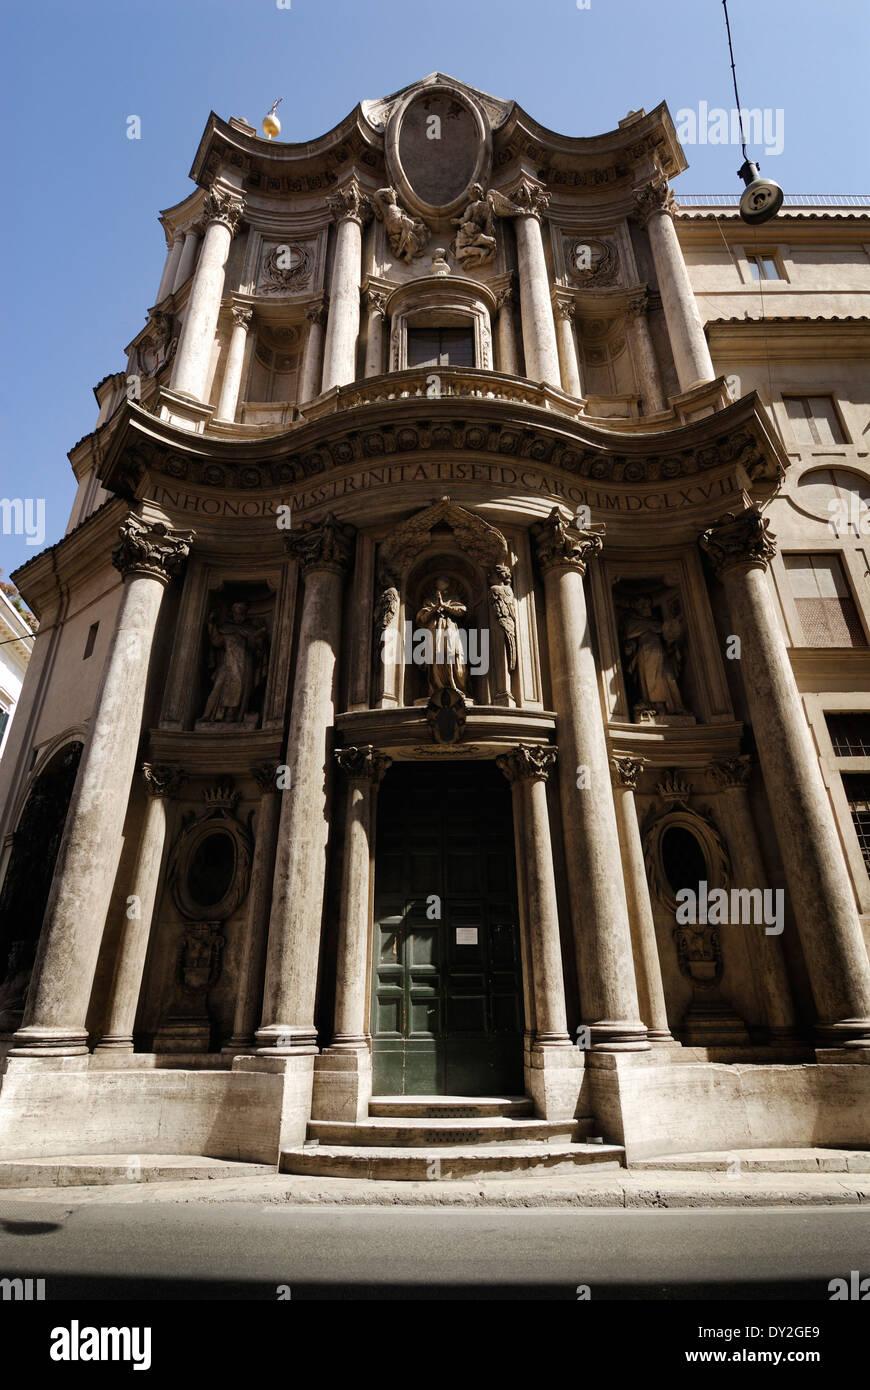 Di San Carlo alle Quattro Fontane chiesa progettata da Francesco Borromini, Roma, Italia. Foto Stock